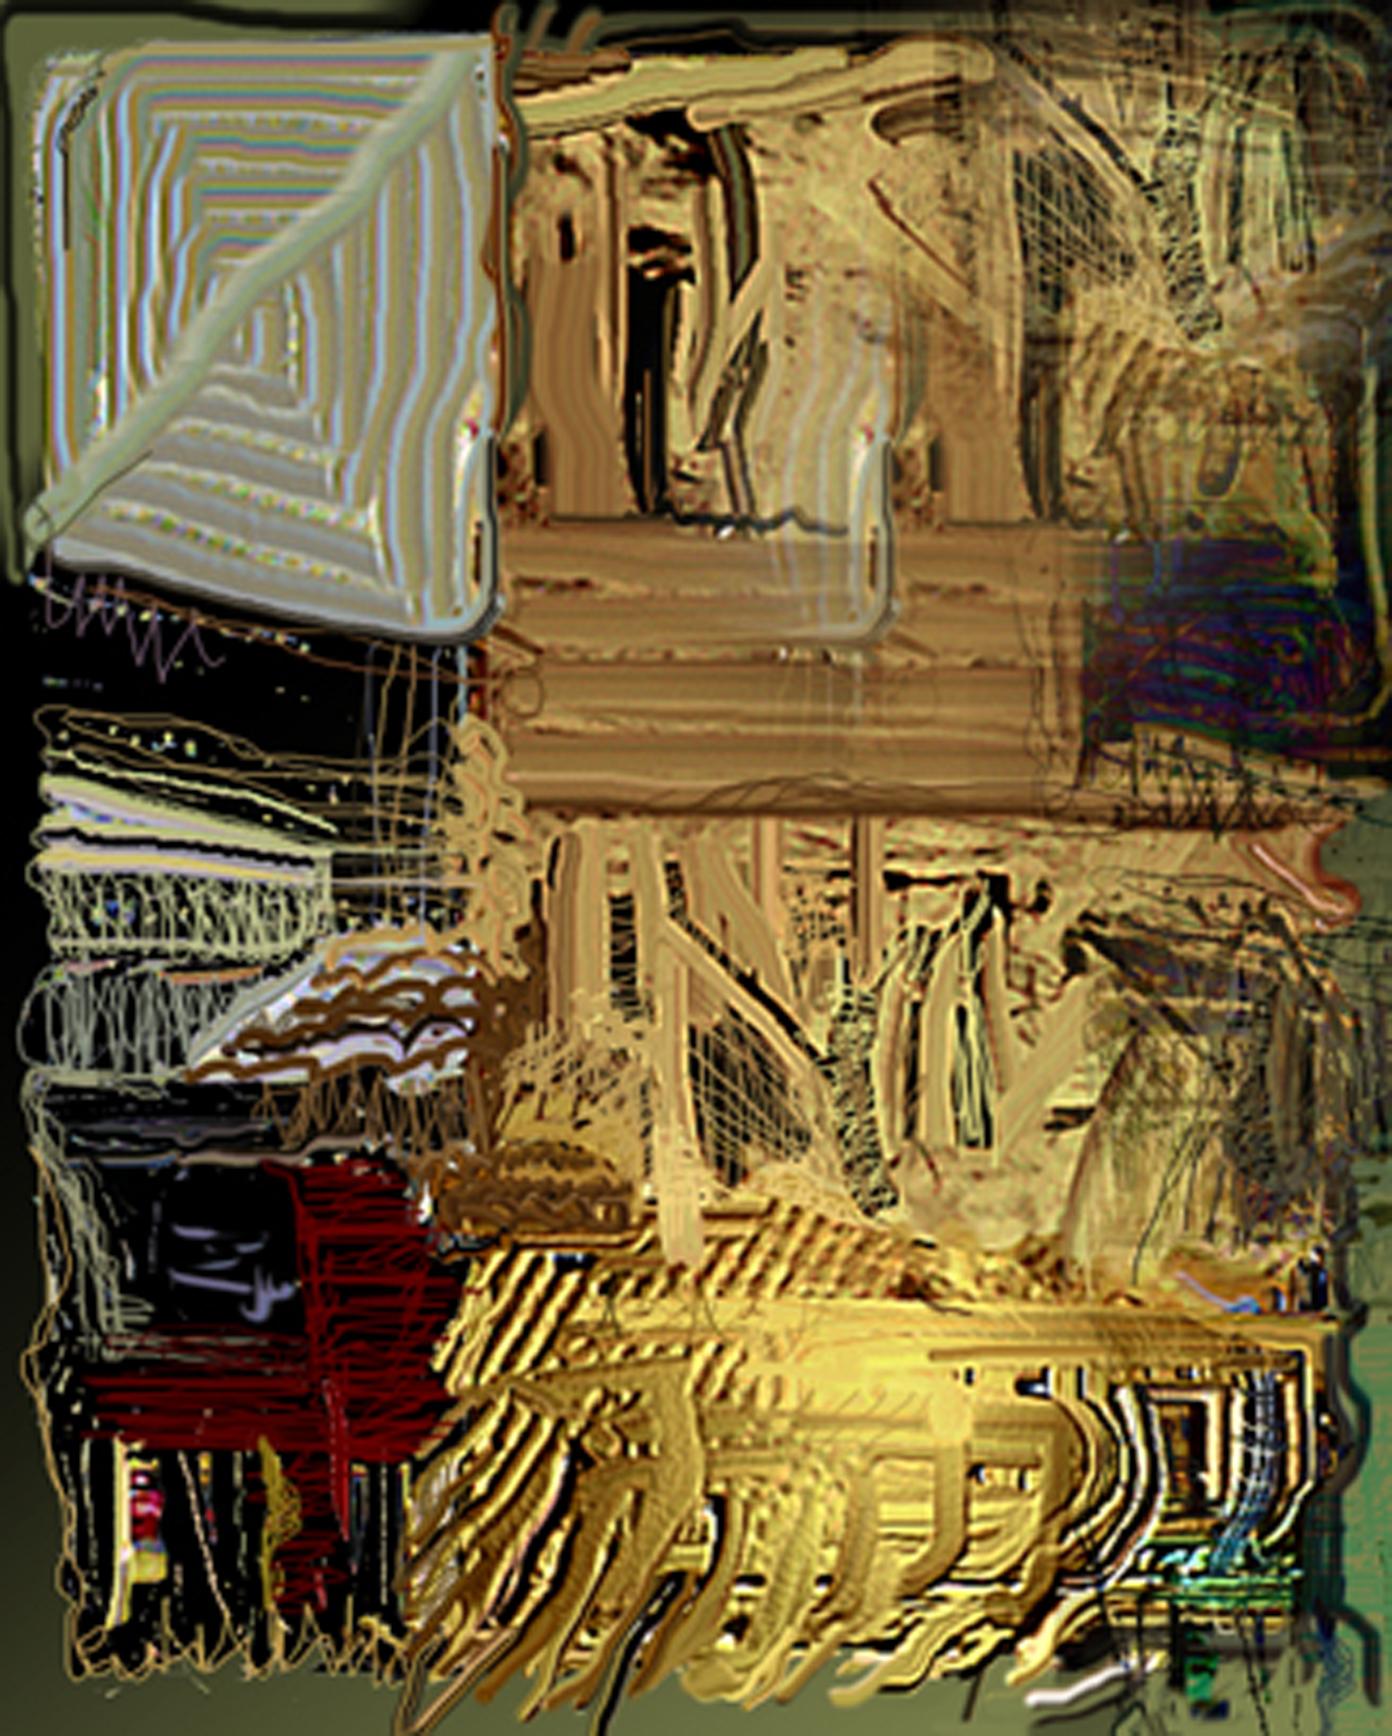 Uklady scalone 2, 120x96.jpg